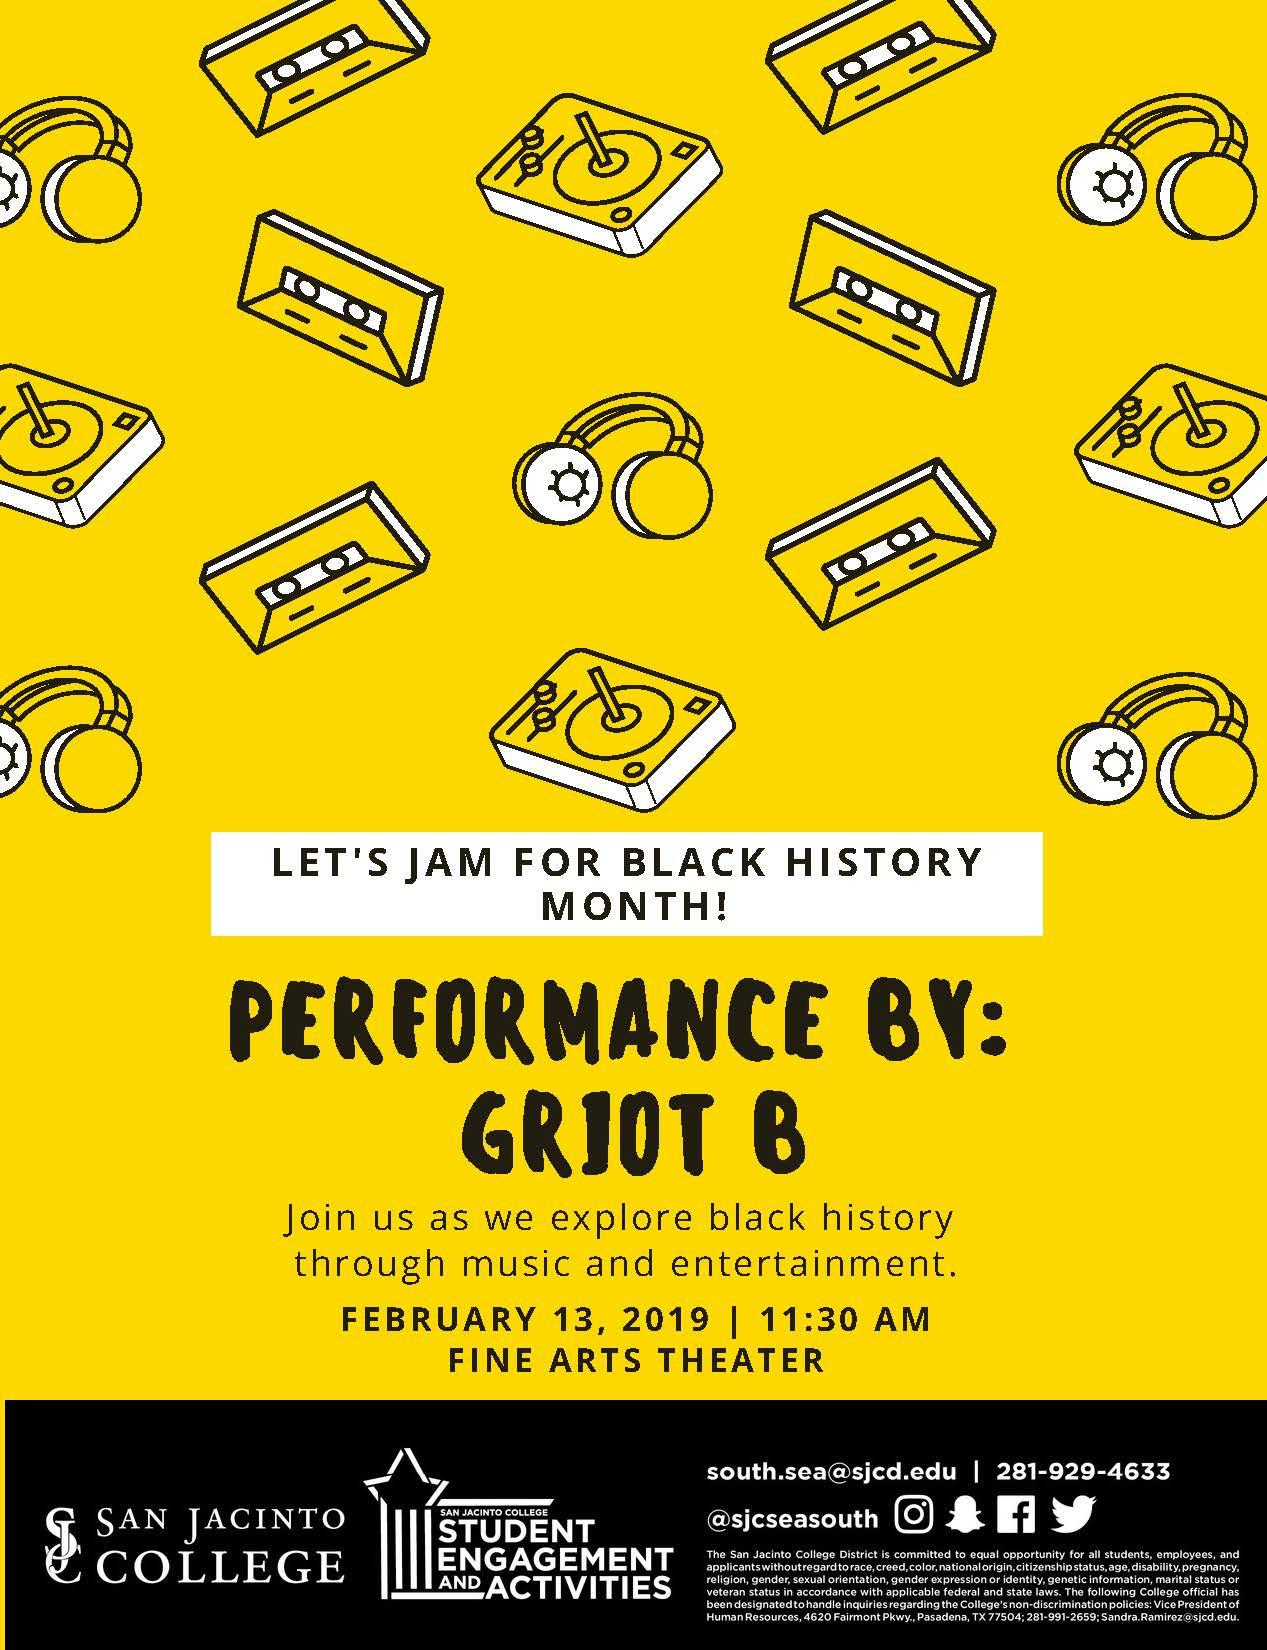 Let's jam for Black History Month!.jpg